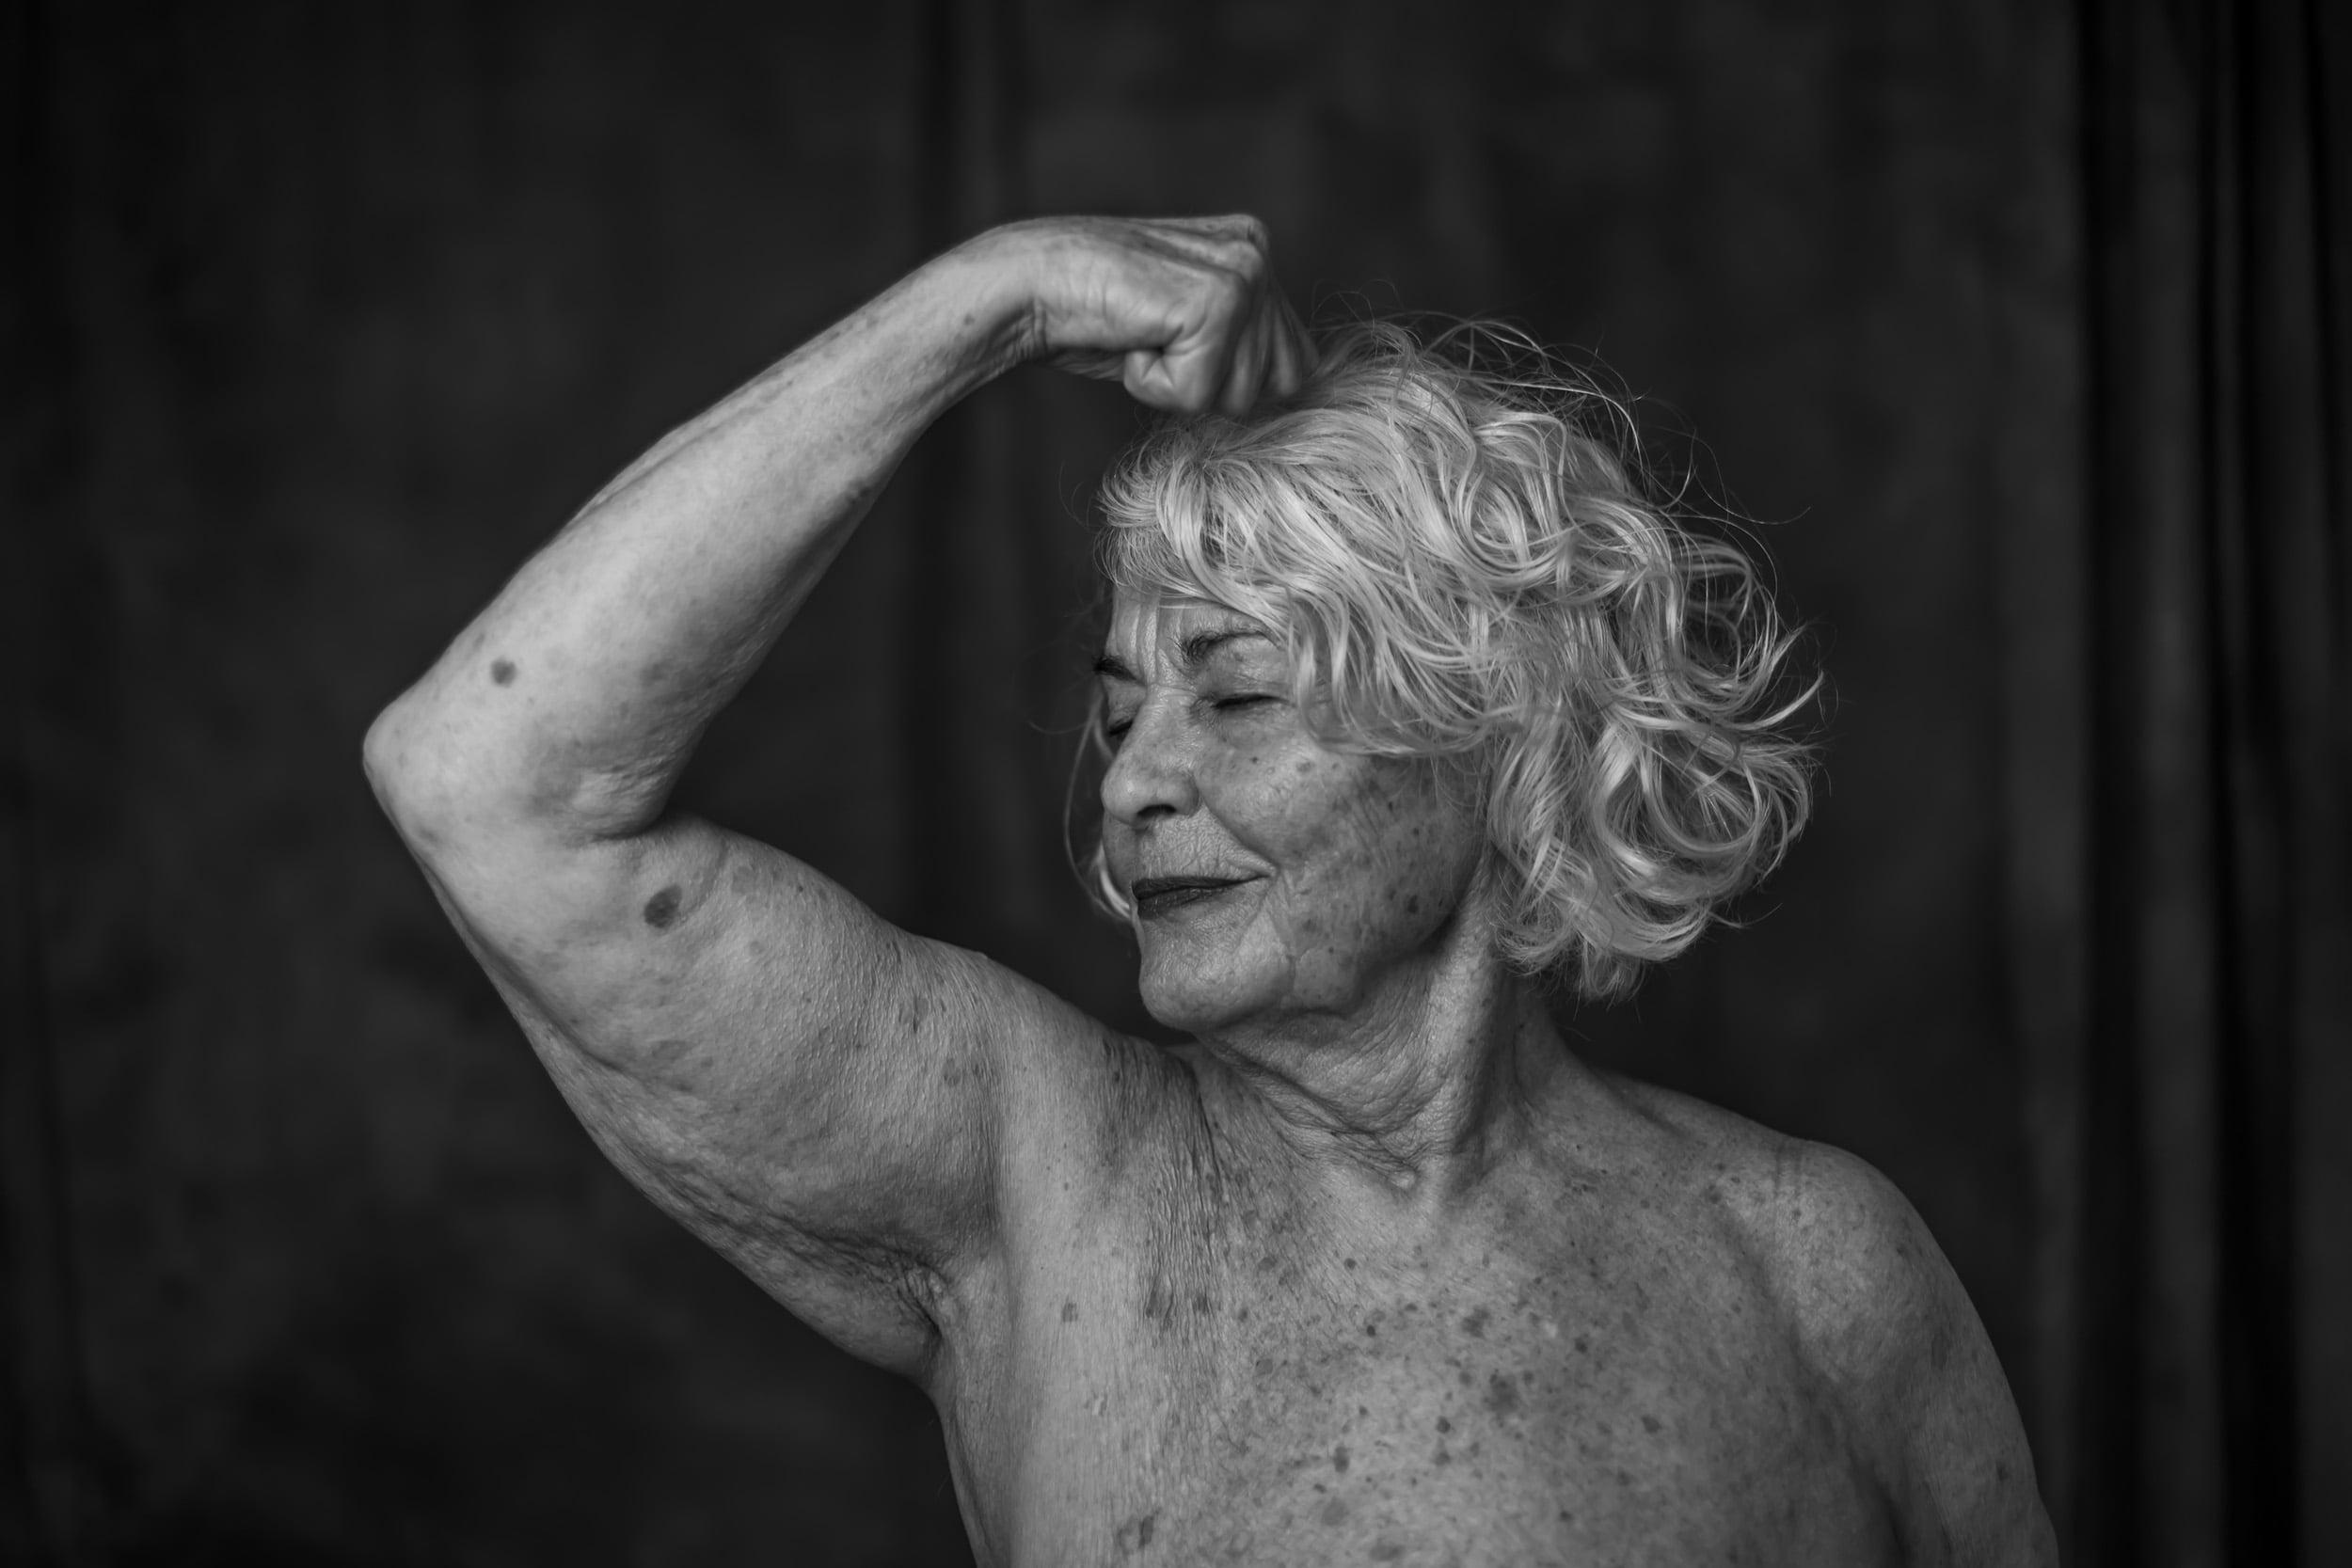 Svartvit bild av äldre kvinna i halvfigur som spänner armen som för att visa armmuskler.